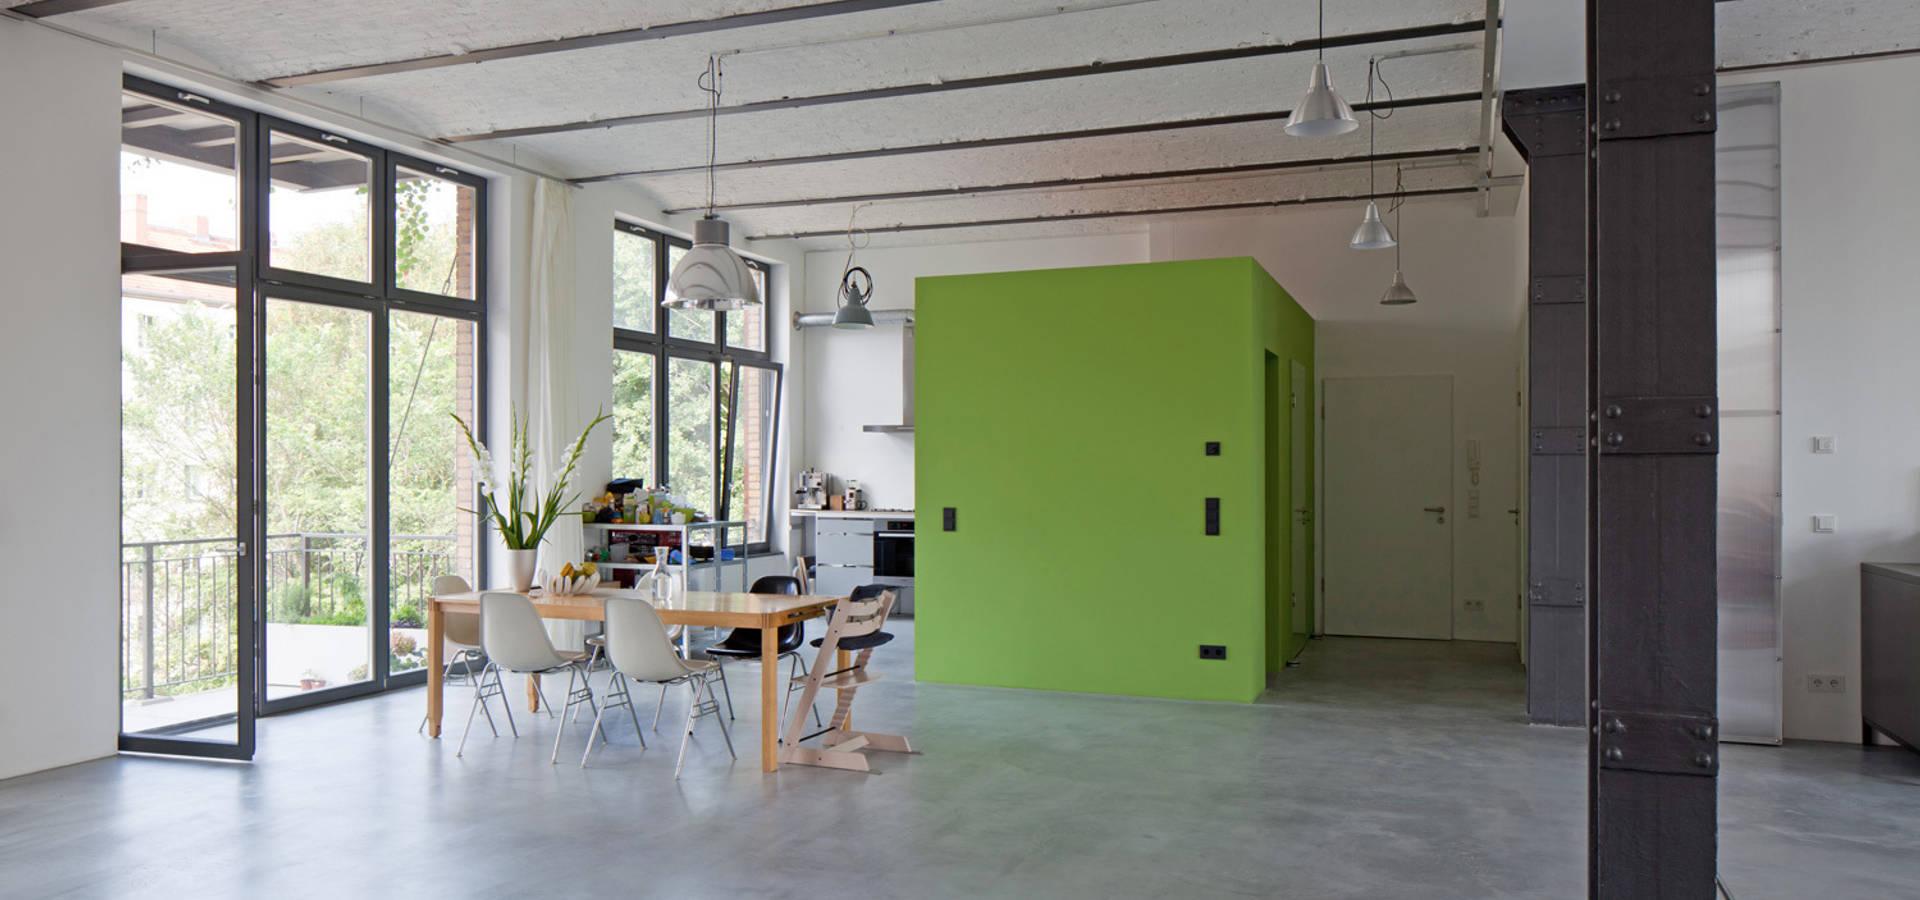 Wunderbar Minimalistisch Wohnen Vorher Nachher Referenz Von Studioinges Architektur Und Städtebau